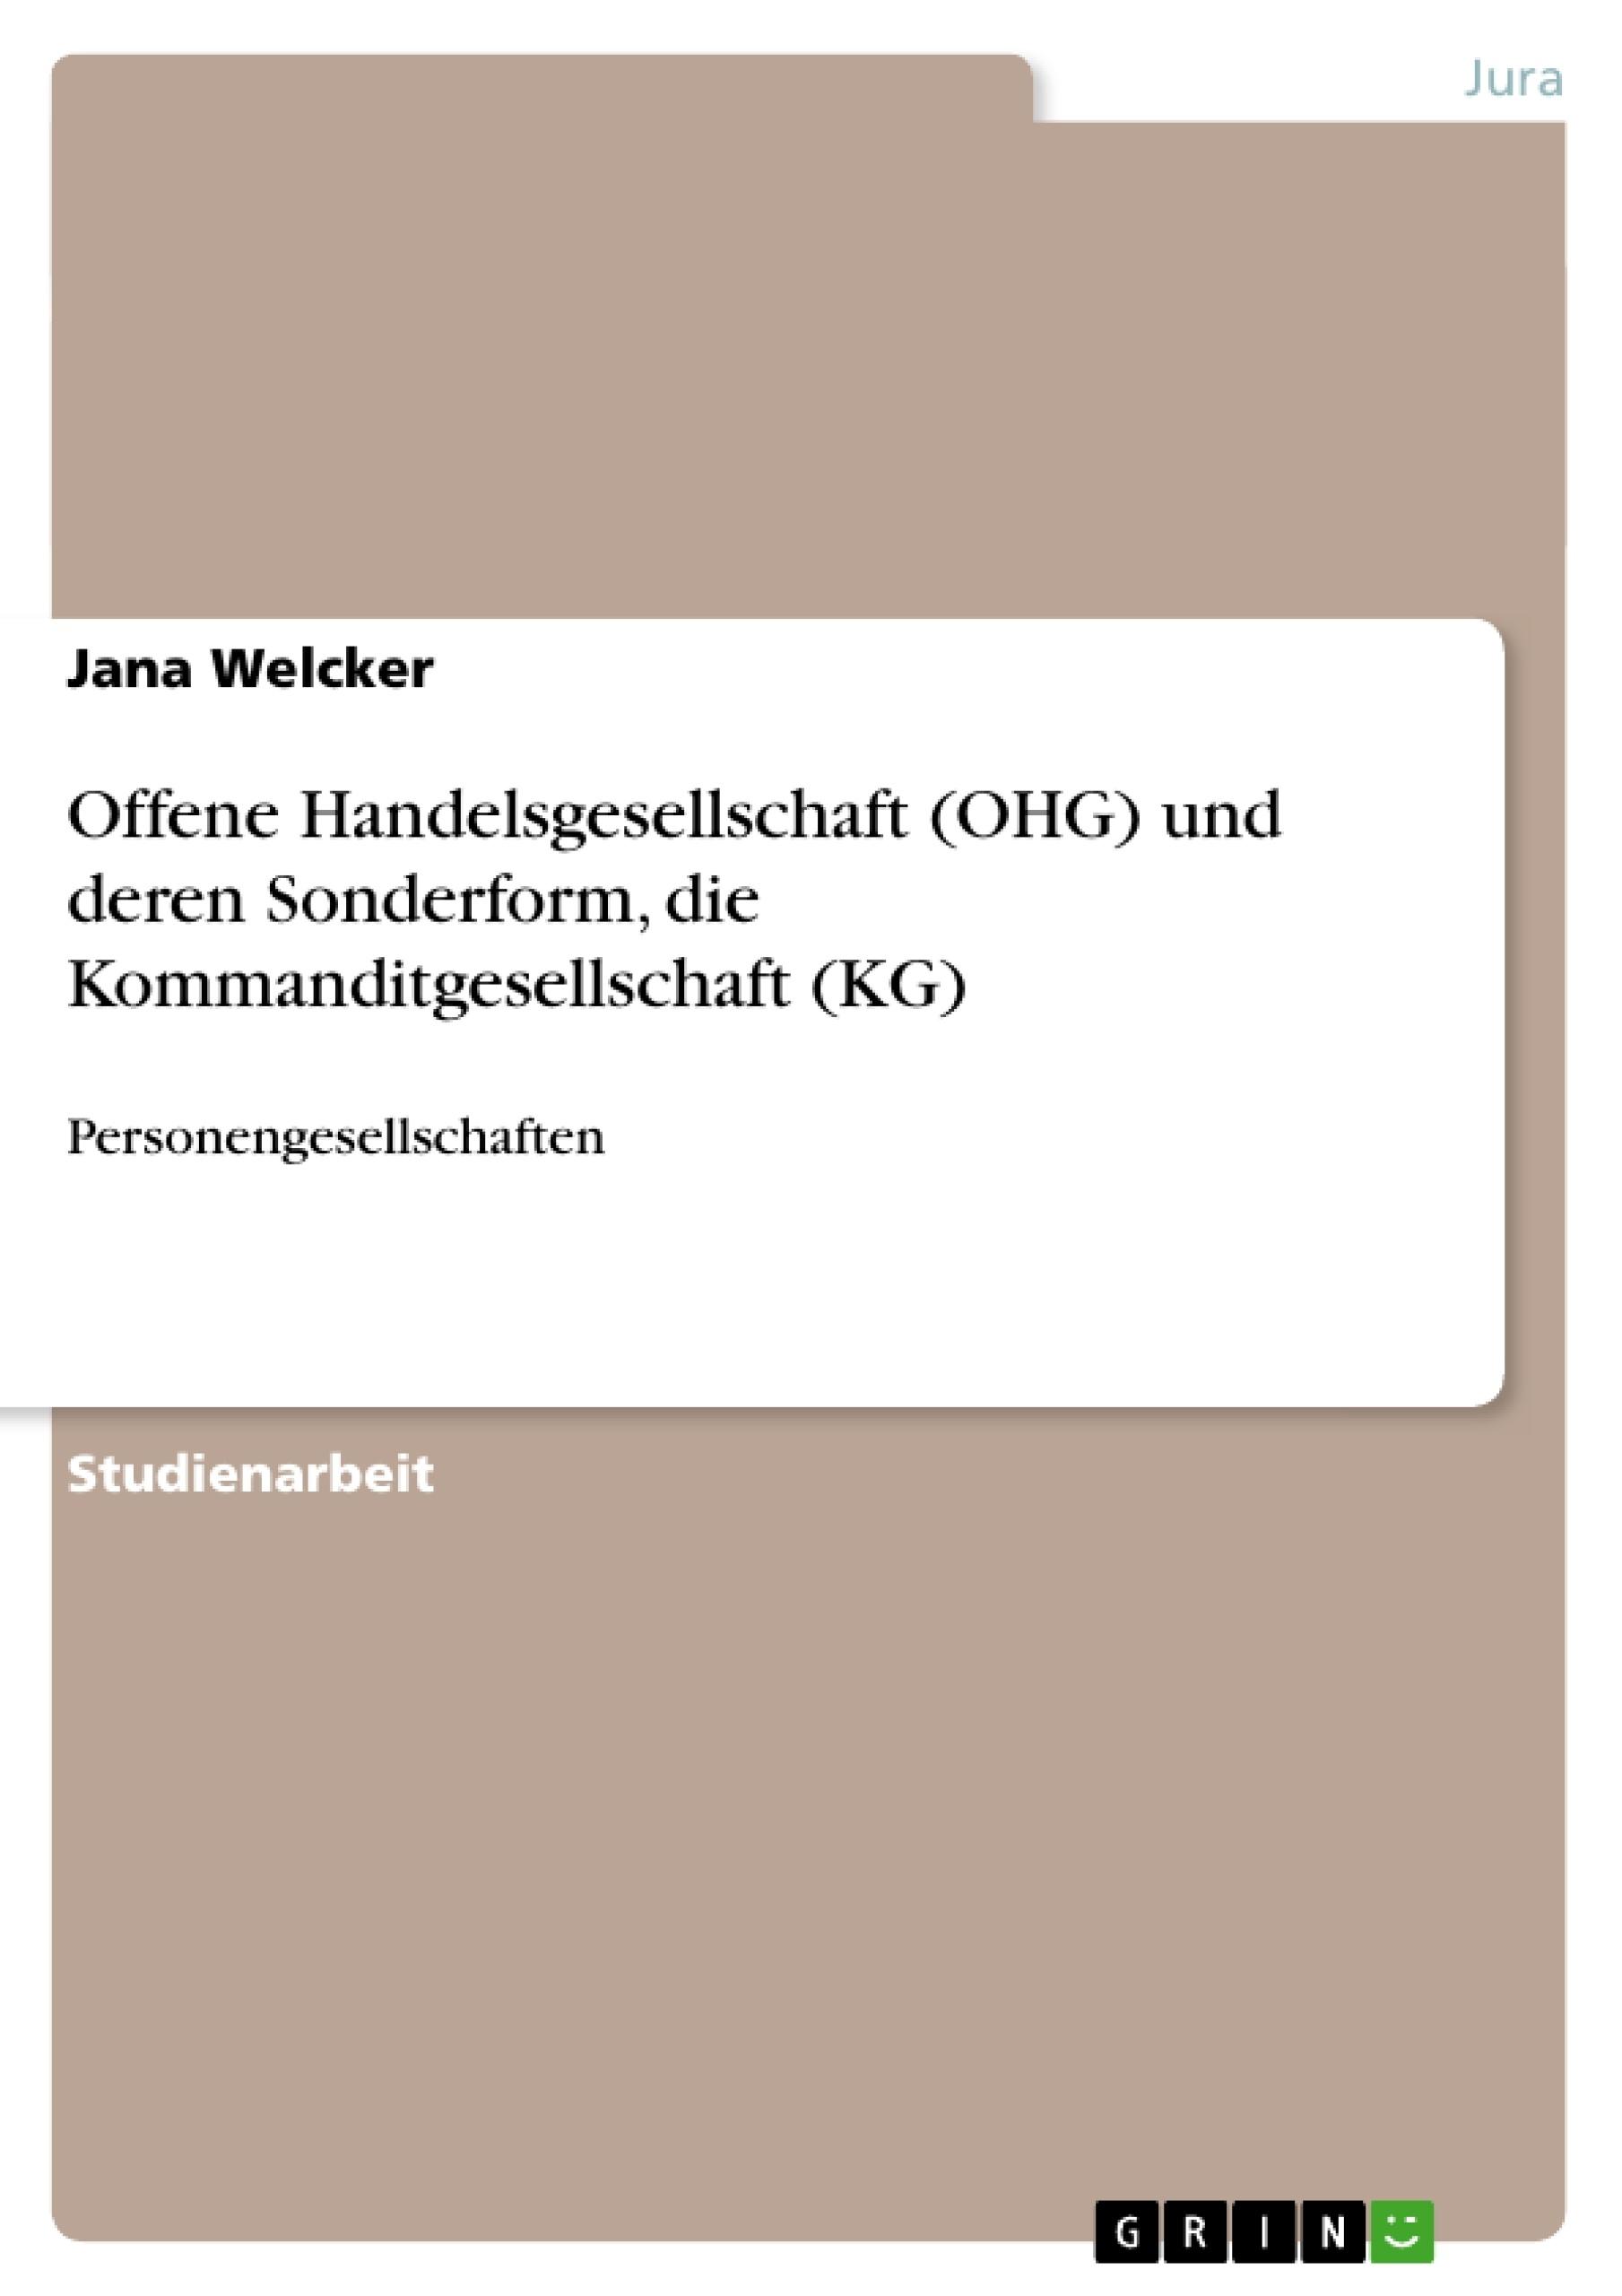 Titel: Offene Handelsgesellschaft (OHG) und deren Sonderform, die Kommanditgesellschaft (KG)